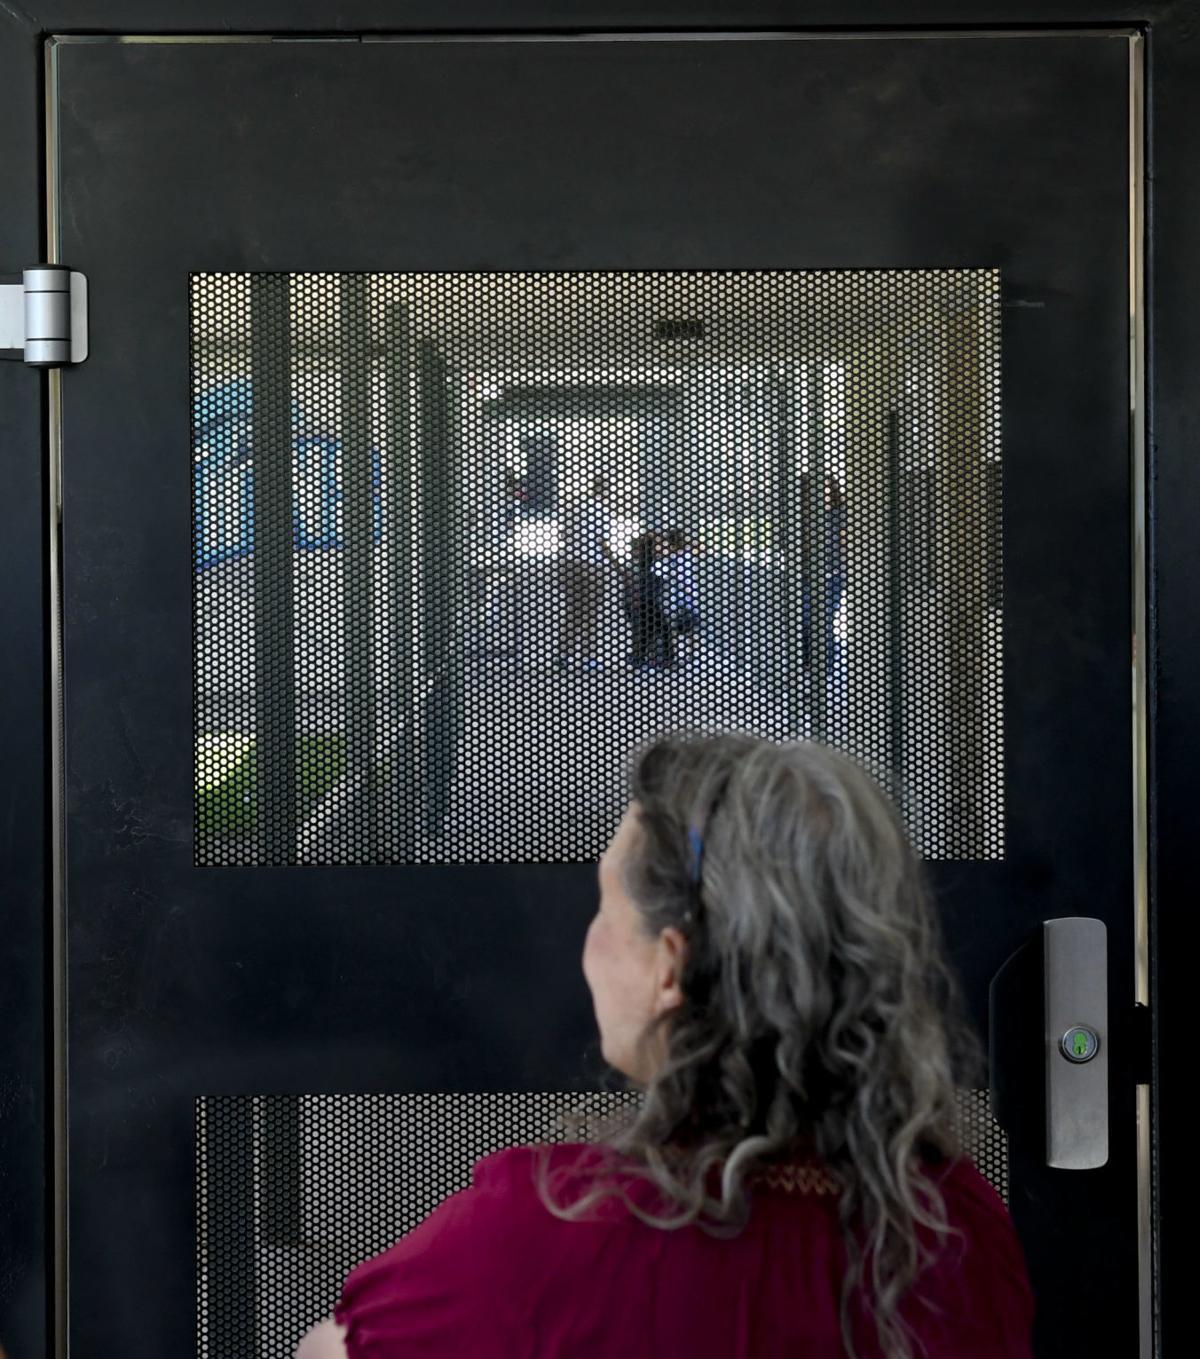 081419 Dunlap gates 02.jpg